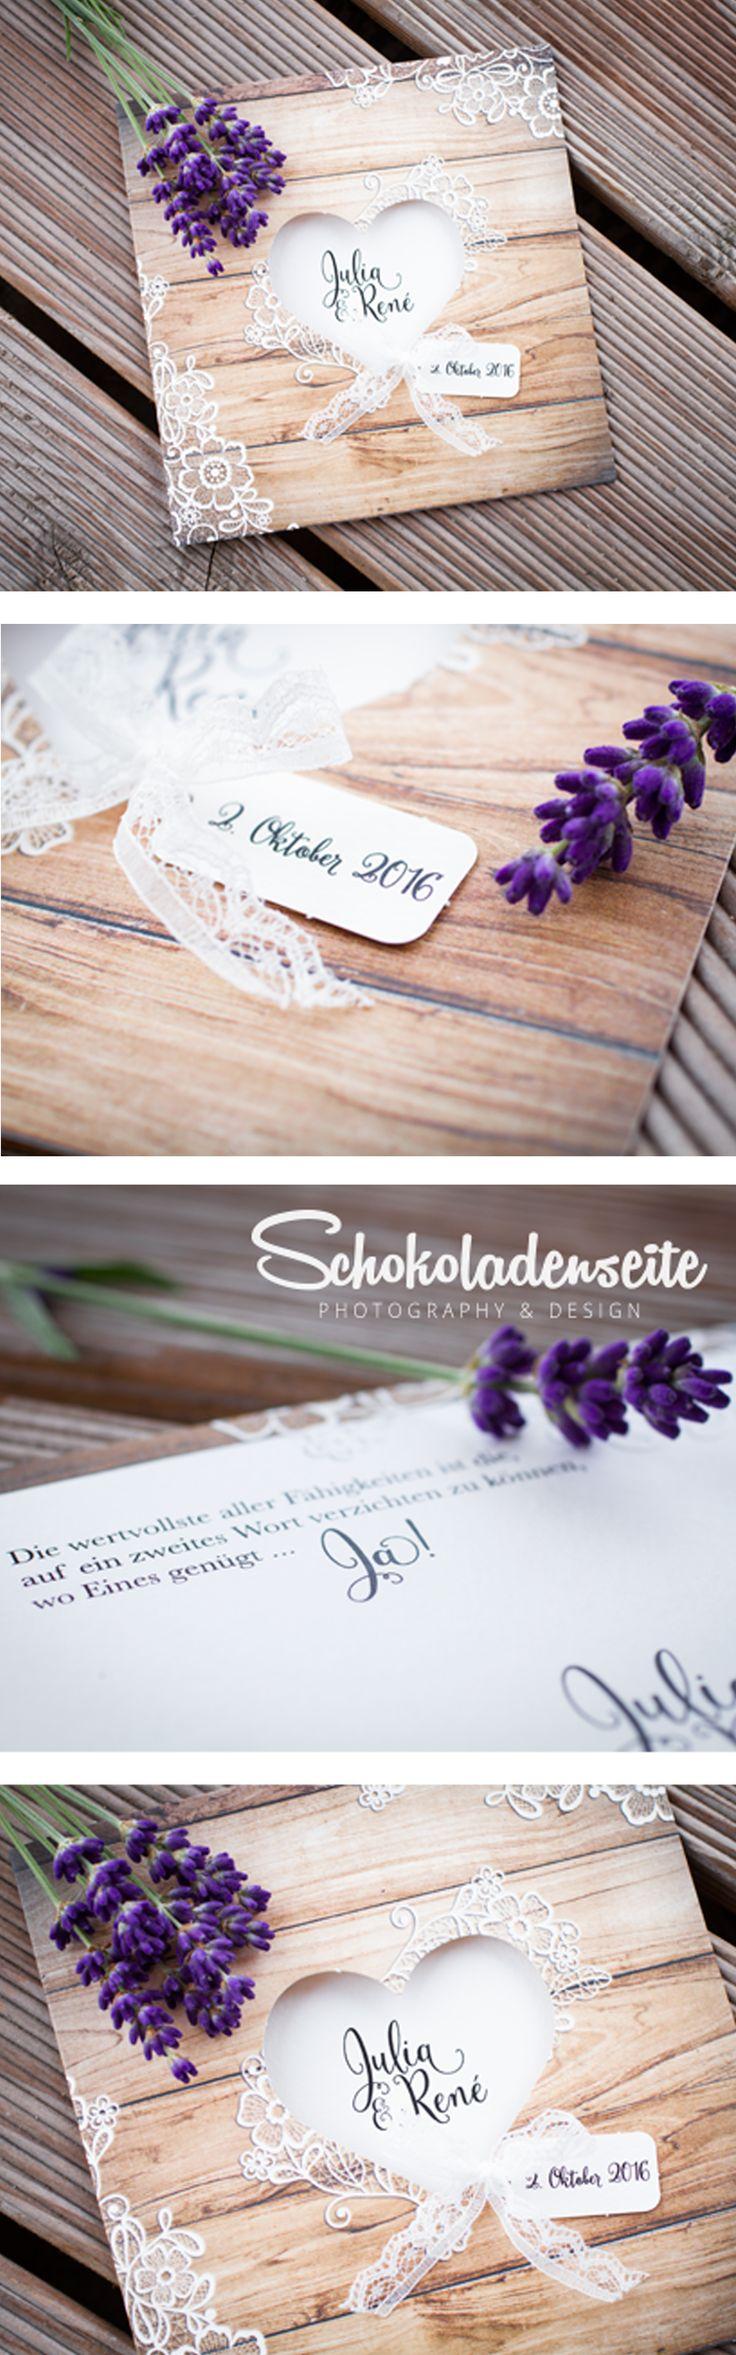 Eine unserer bezaubernden Hochzeitseinladungen in Holzoptik. Mit wundervollen…